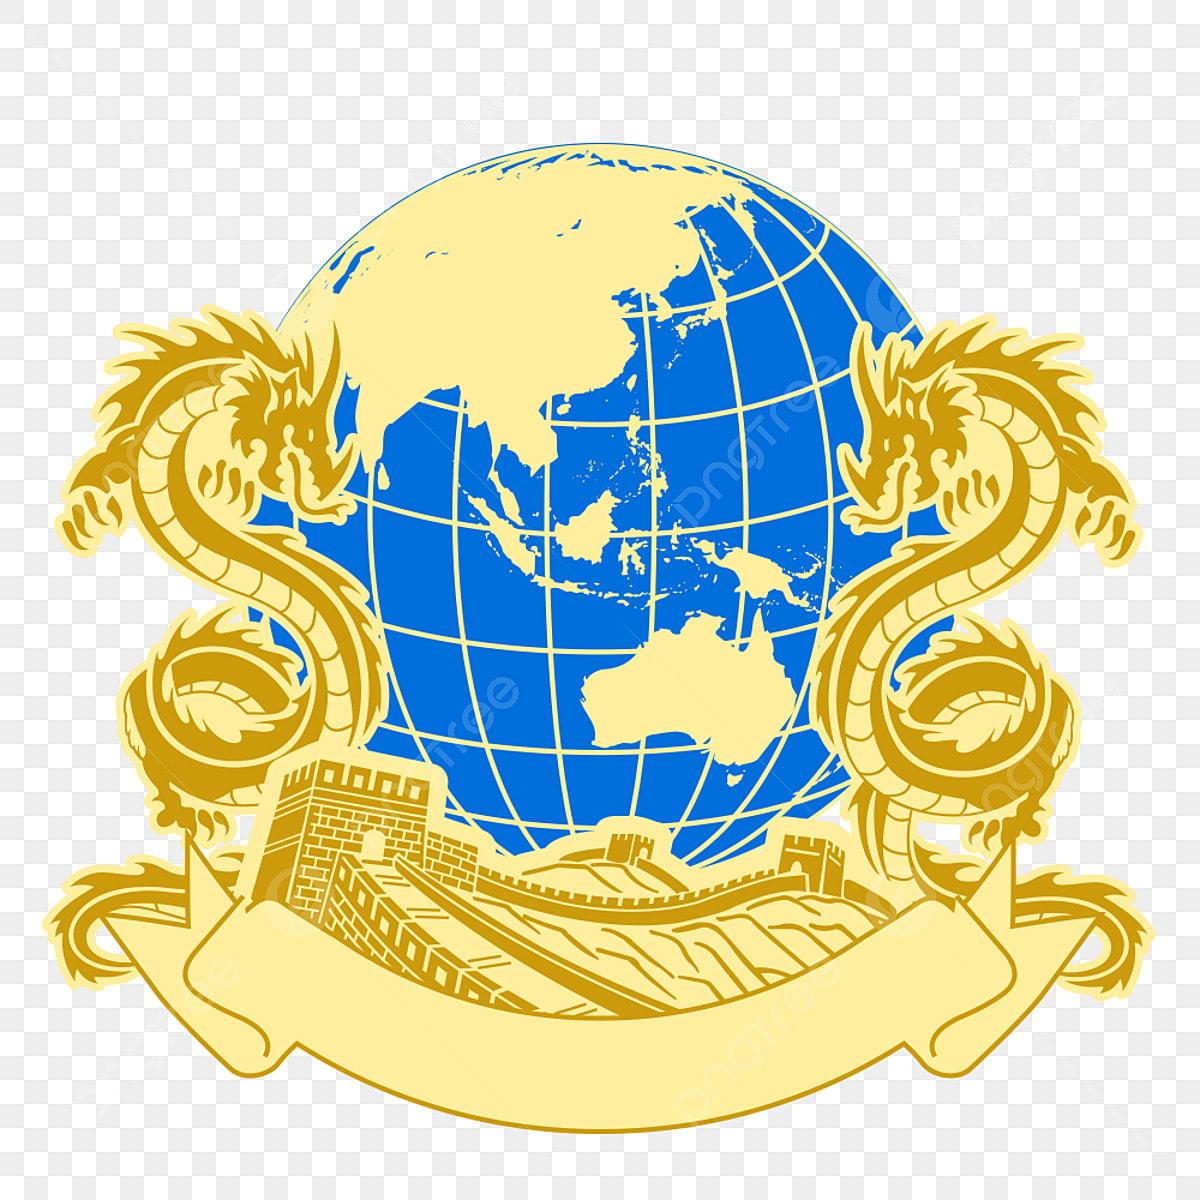 Metal Material Gold Medal Corporate Custom Medal, Protect